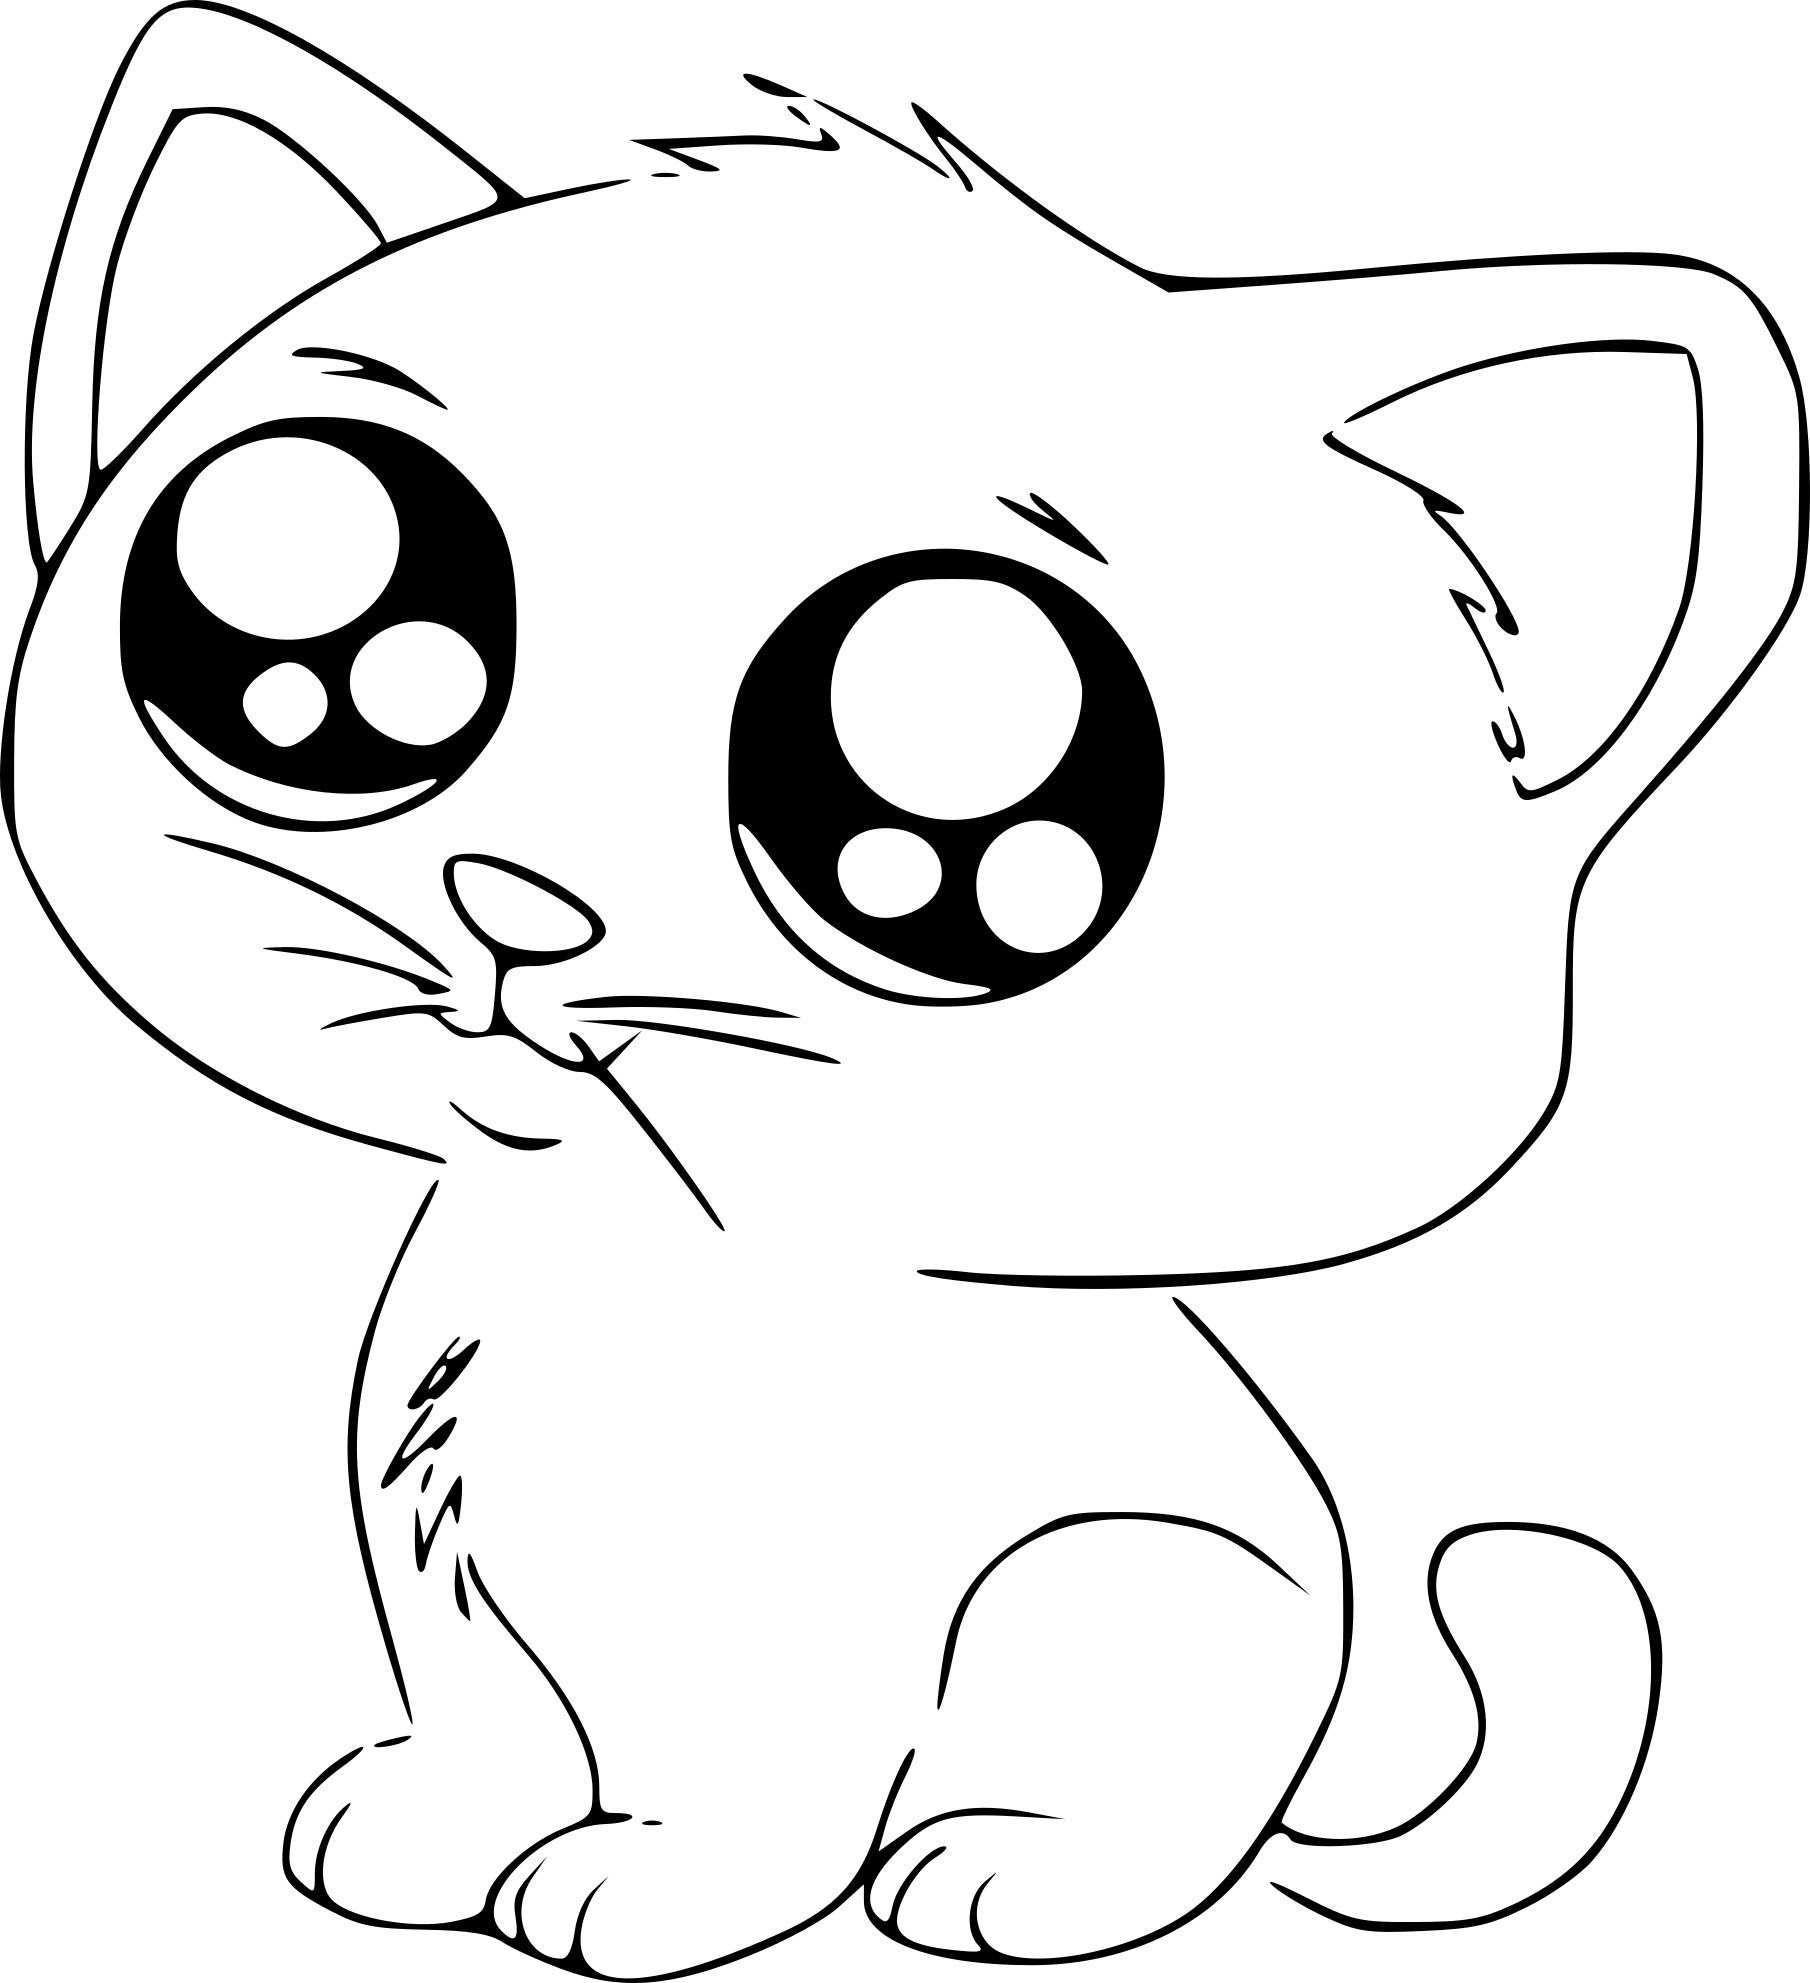 Coloriage Chat Manga A Imprimer Coloriage Chat Manga A Imprimer Katten Die Tot De Unie Cute Cartoon Drawings Easy Cartoon Drawings Cartoon Drawings Of Animals